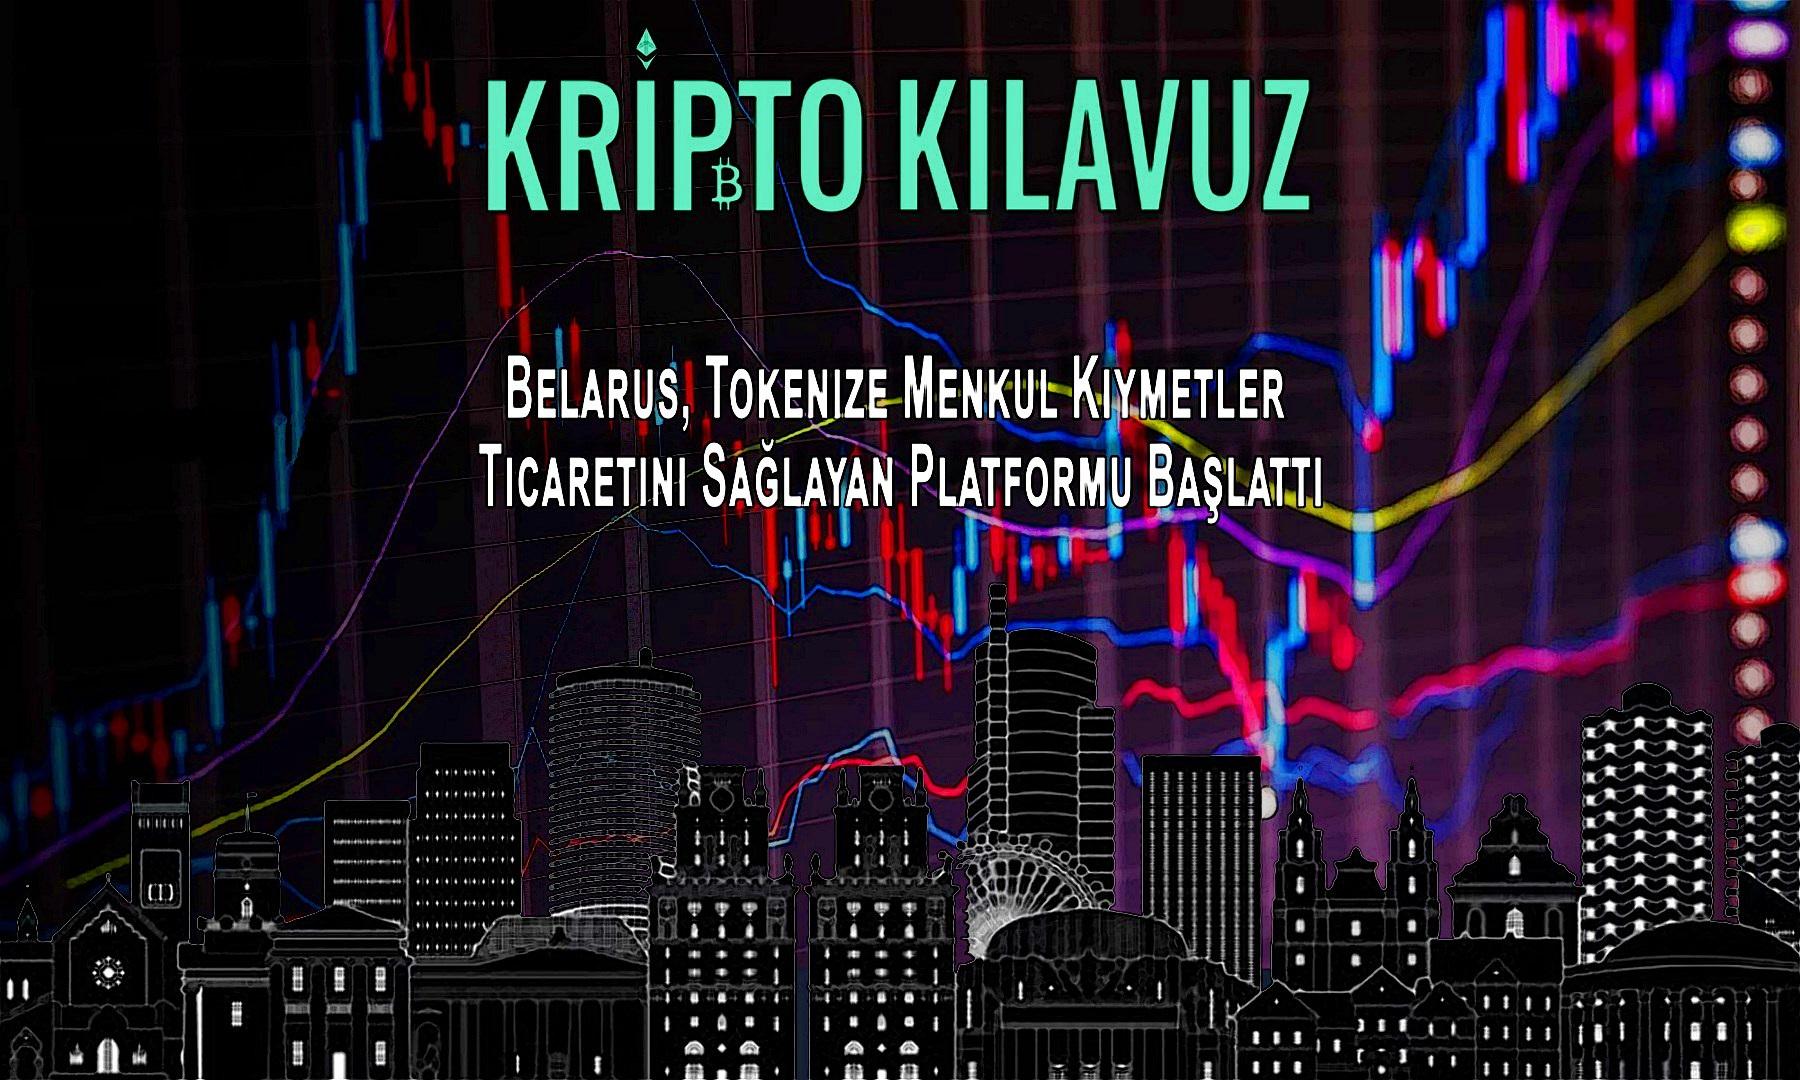 Belarus, Tokenize Menkul Kıymetler Ticaretini Sağlayan Platformu Başlattı